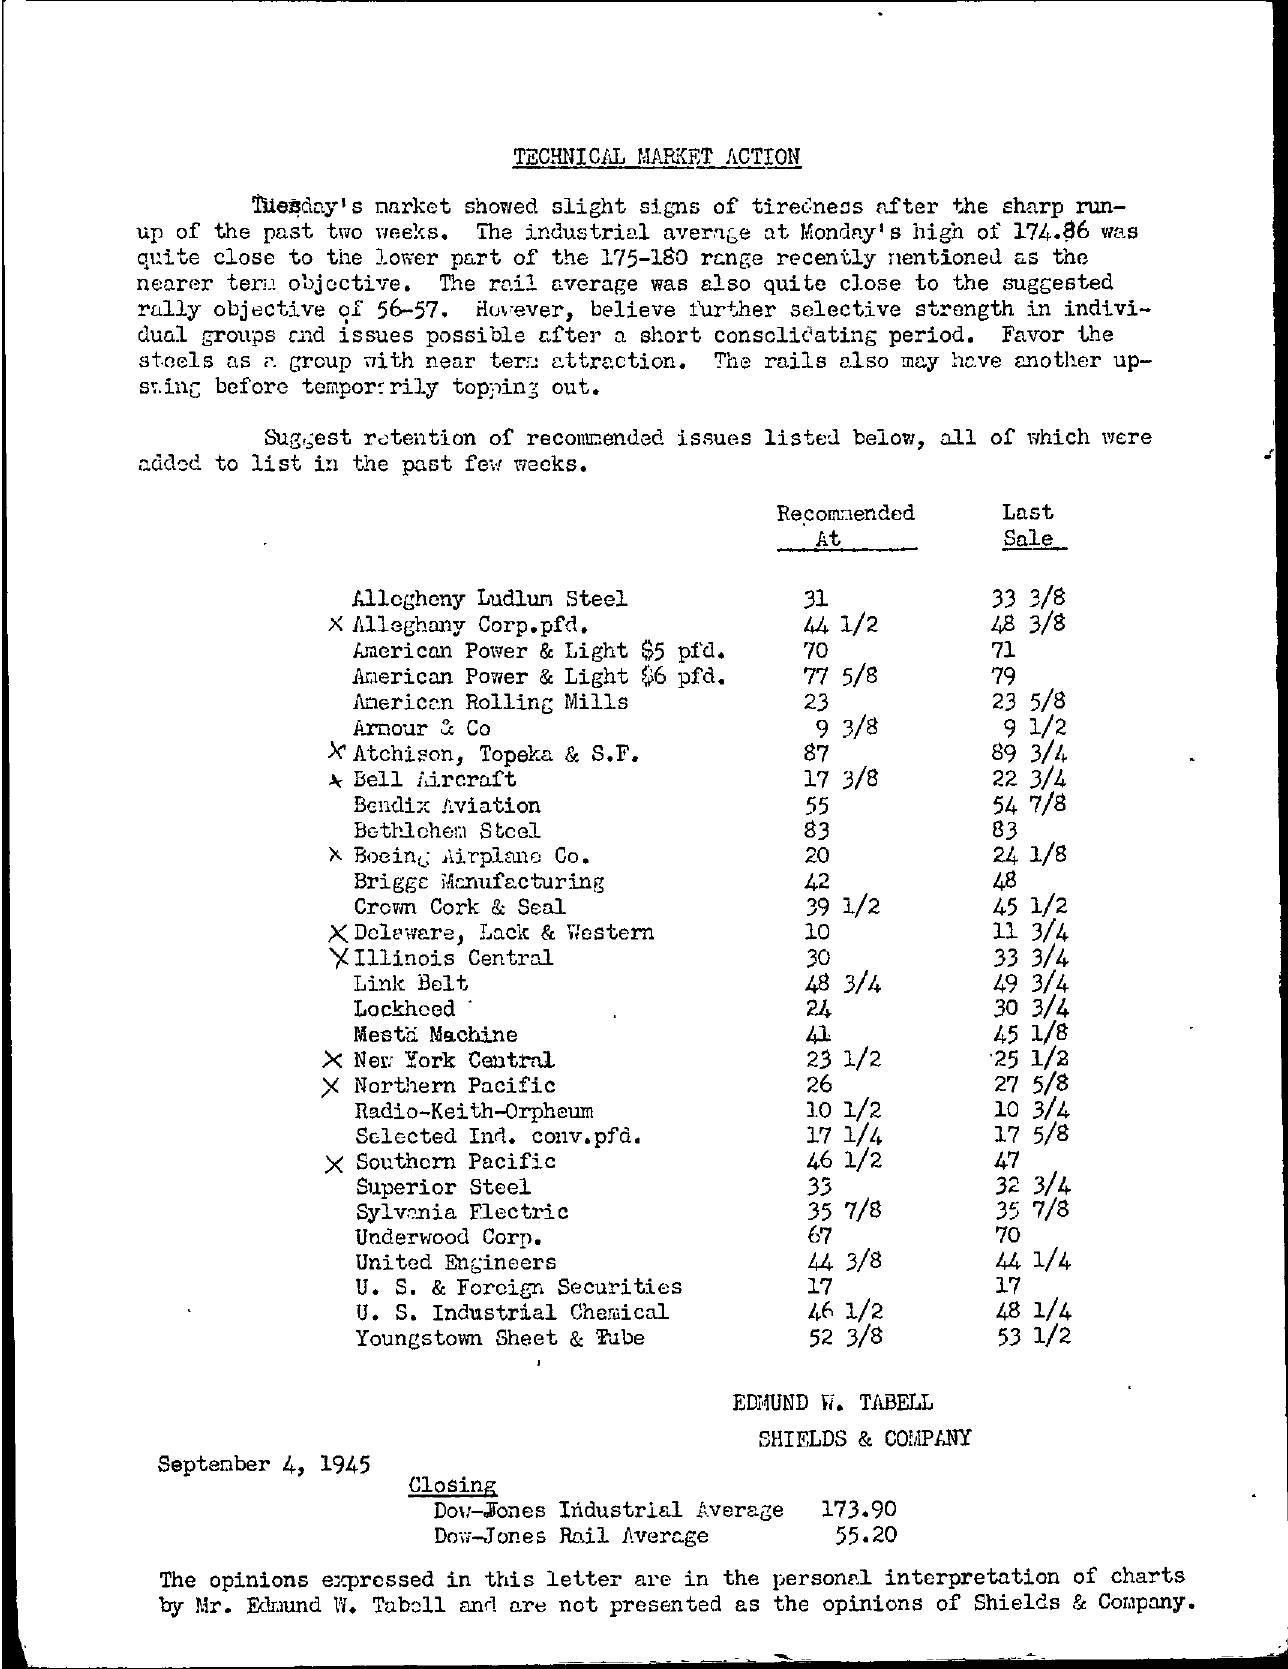 Tabell's Market Letter - September 04, 1945